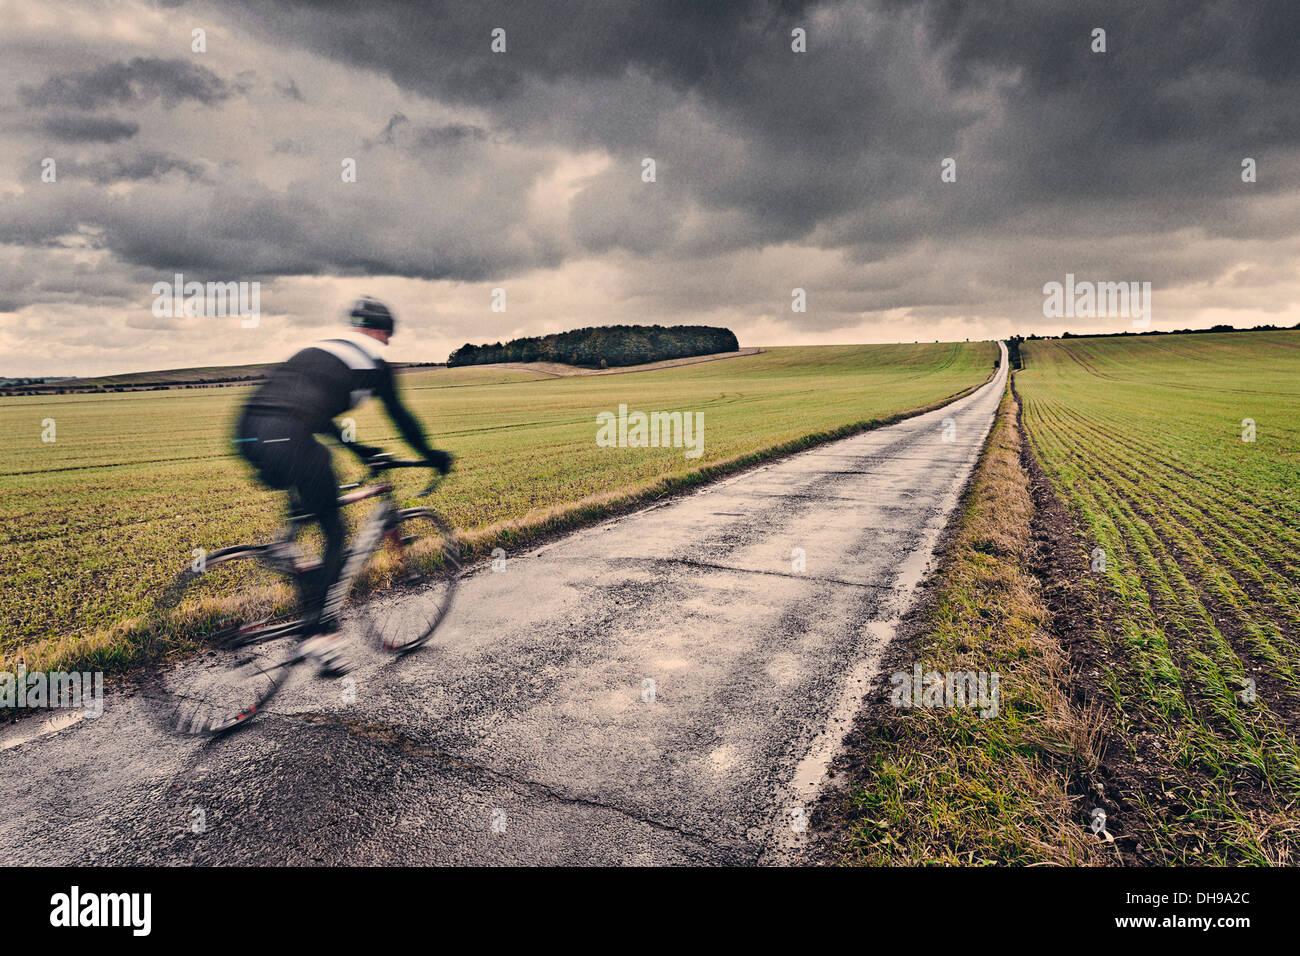 Ciclista solitario en la campiña británica Imagen De Stock